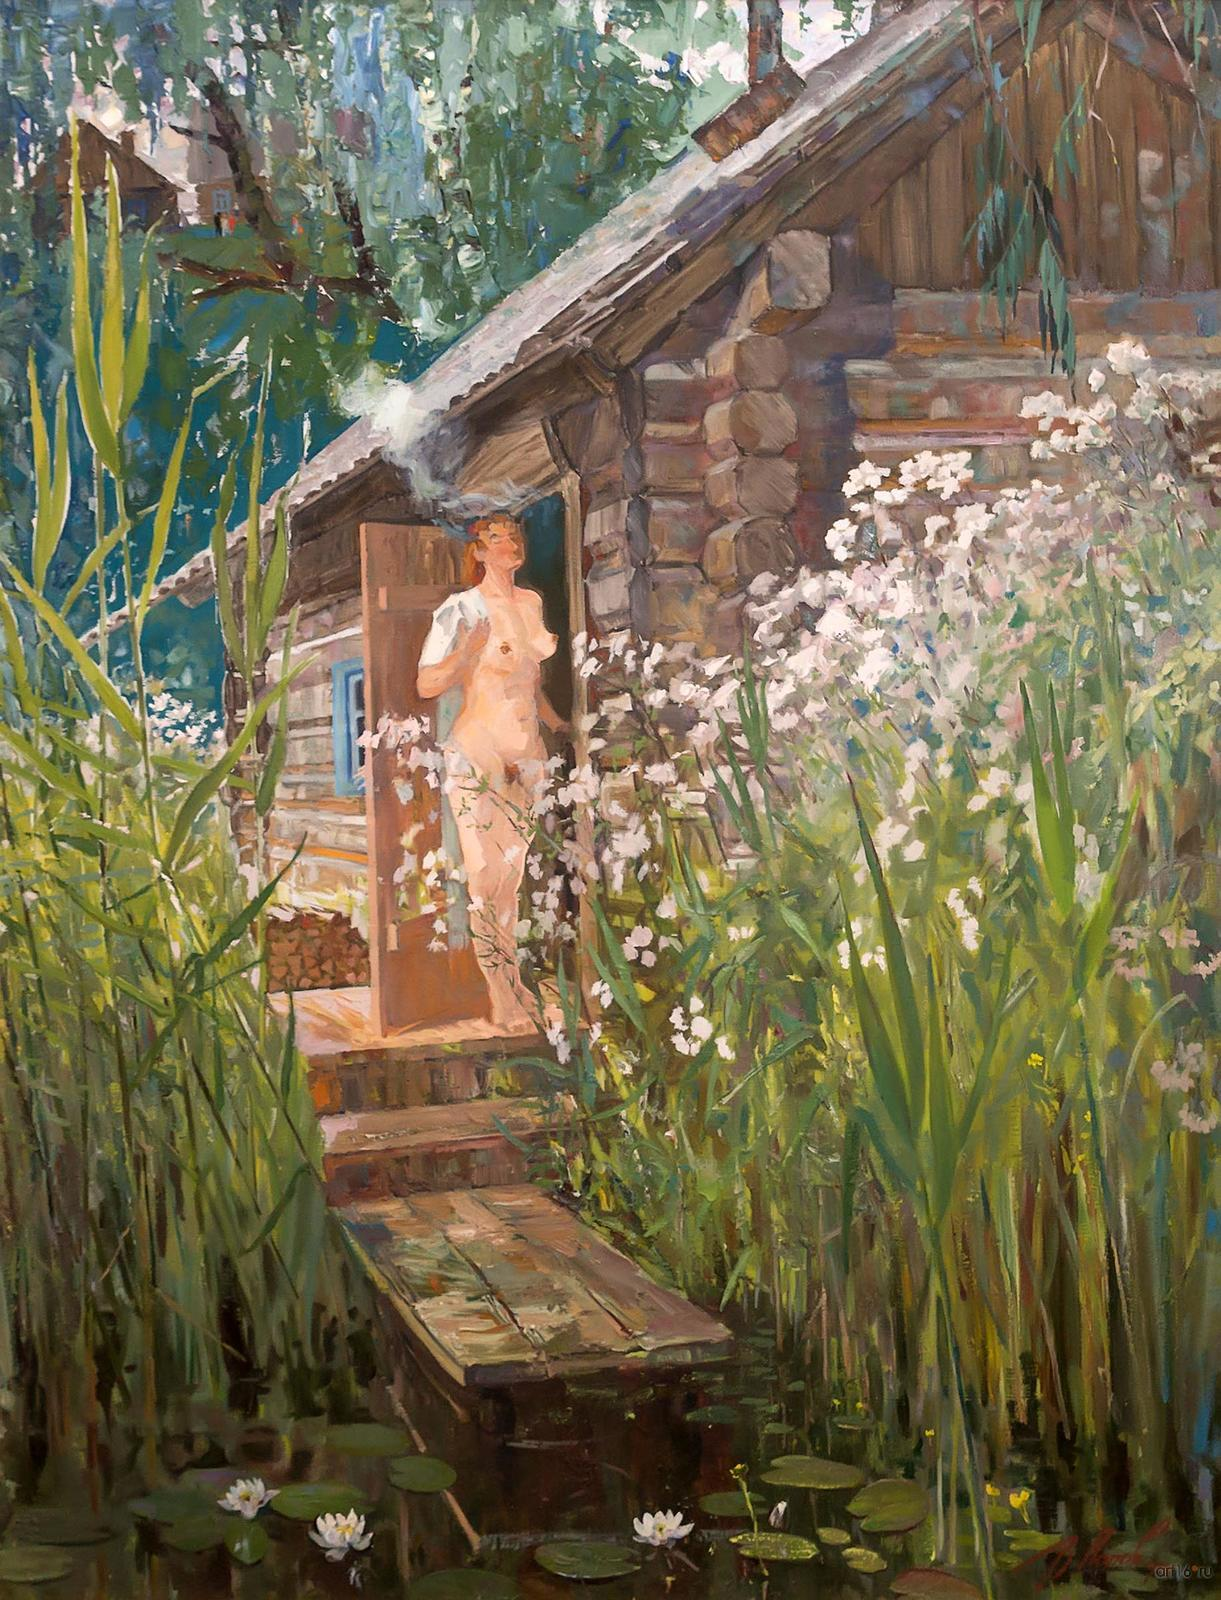 Фото №814541. Банька. 1988-1990. Попов В.А.